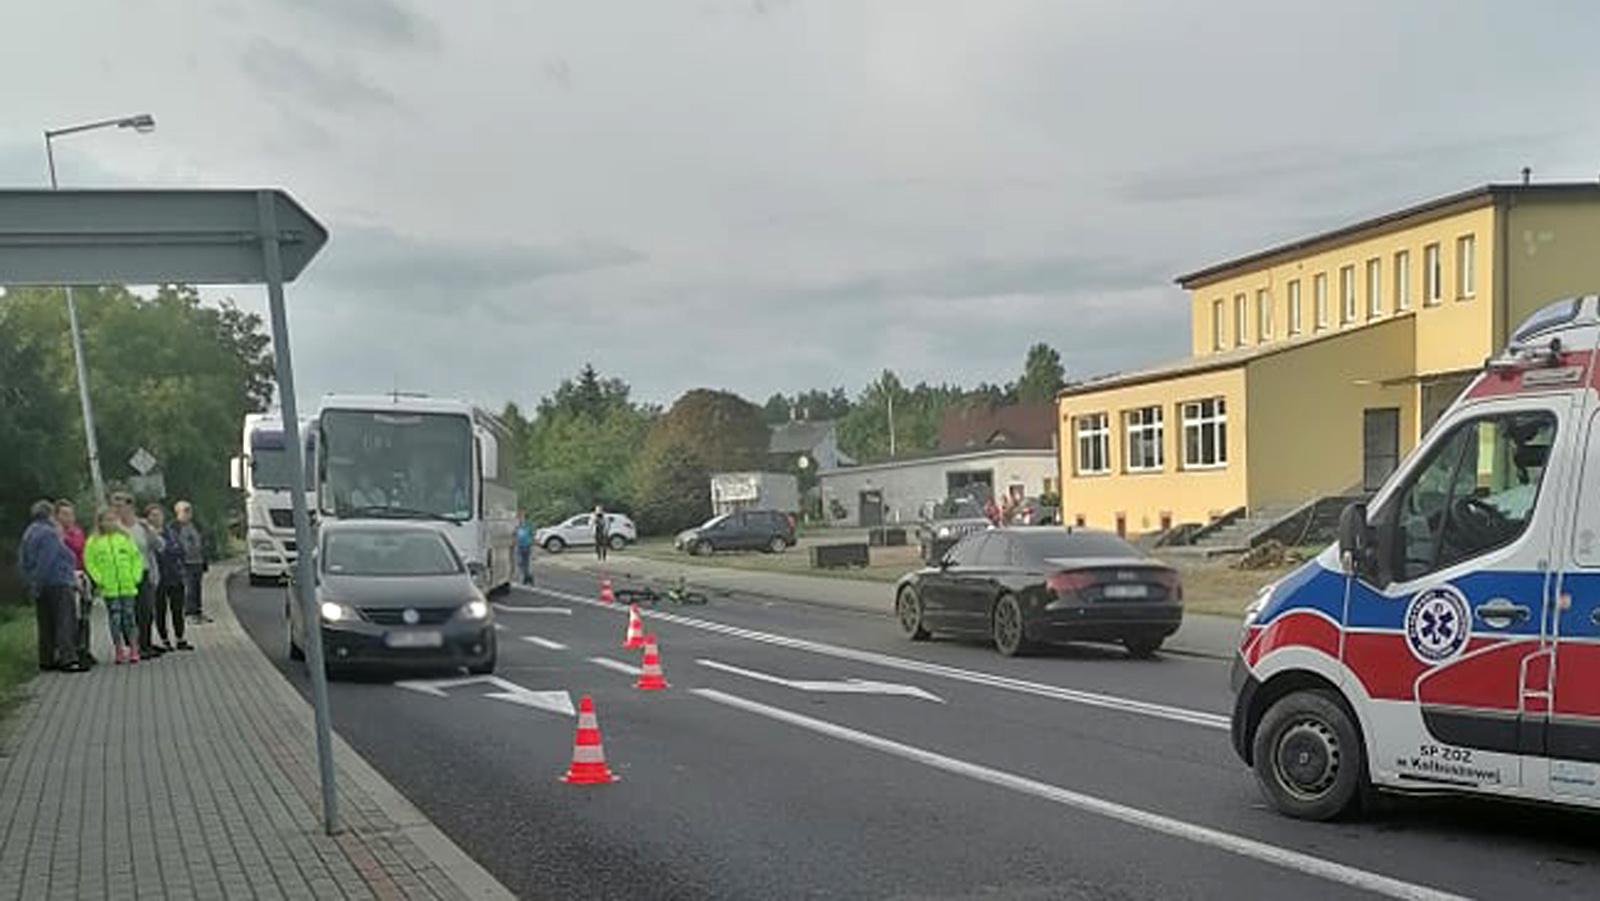 Potrącenie dziecka na DK9 w Cmolasie. Utrudnienia na drodze relacji Kolbuszowa - Nowa Dęba [ZDJĘCIA] - Zdjęcie główne